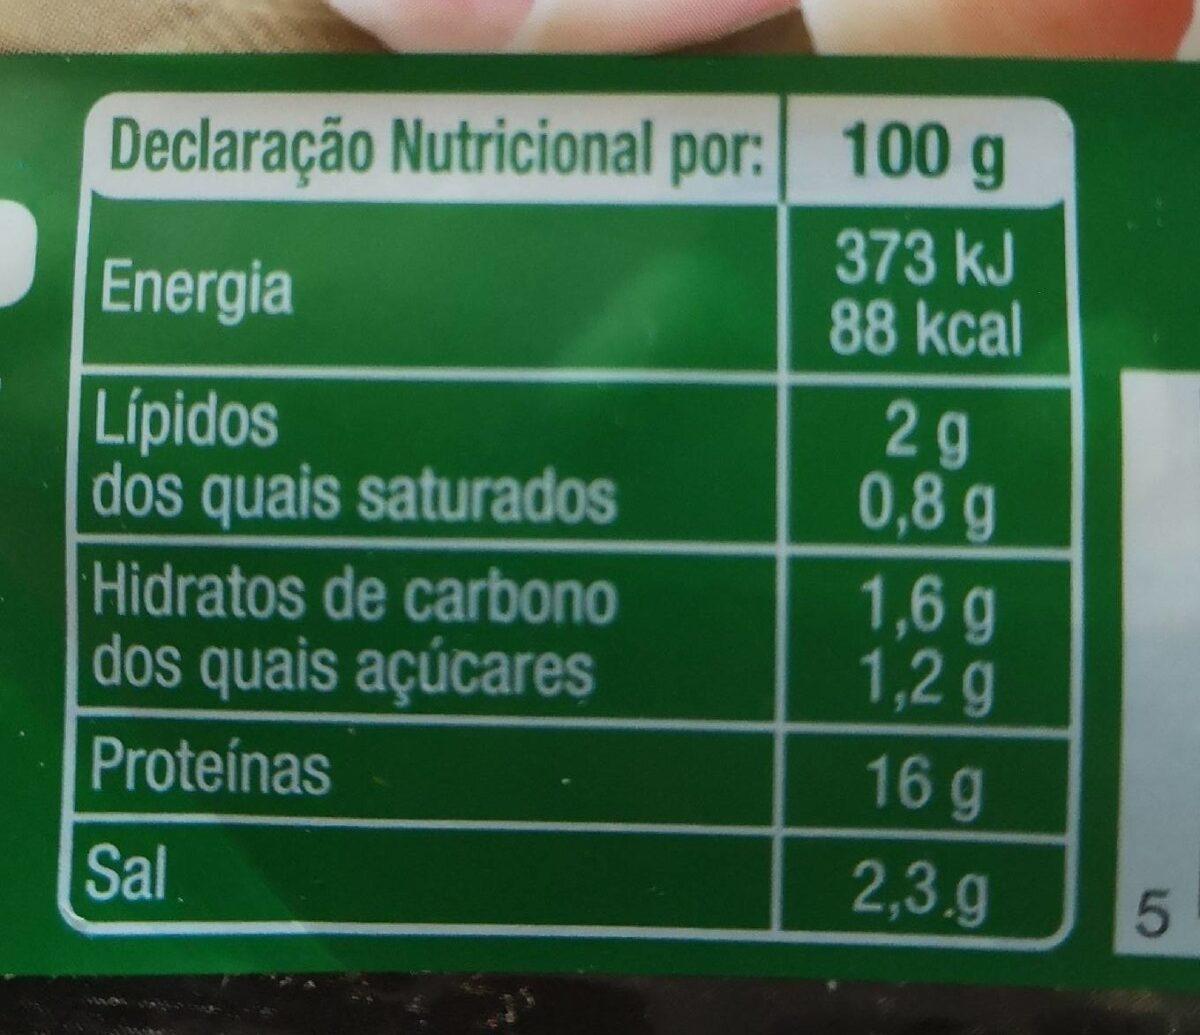 Fiambre da perna extra fatias finas auchan - Informations nutritionnelles